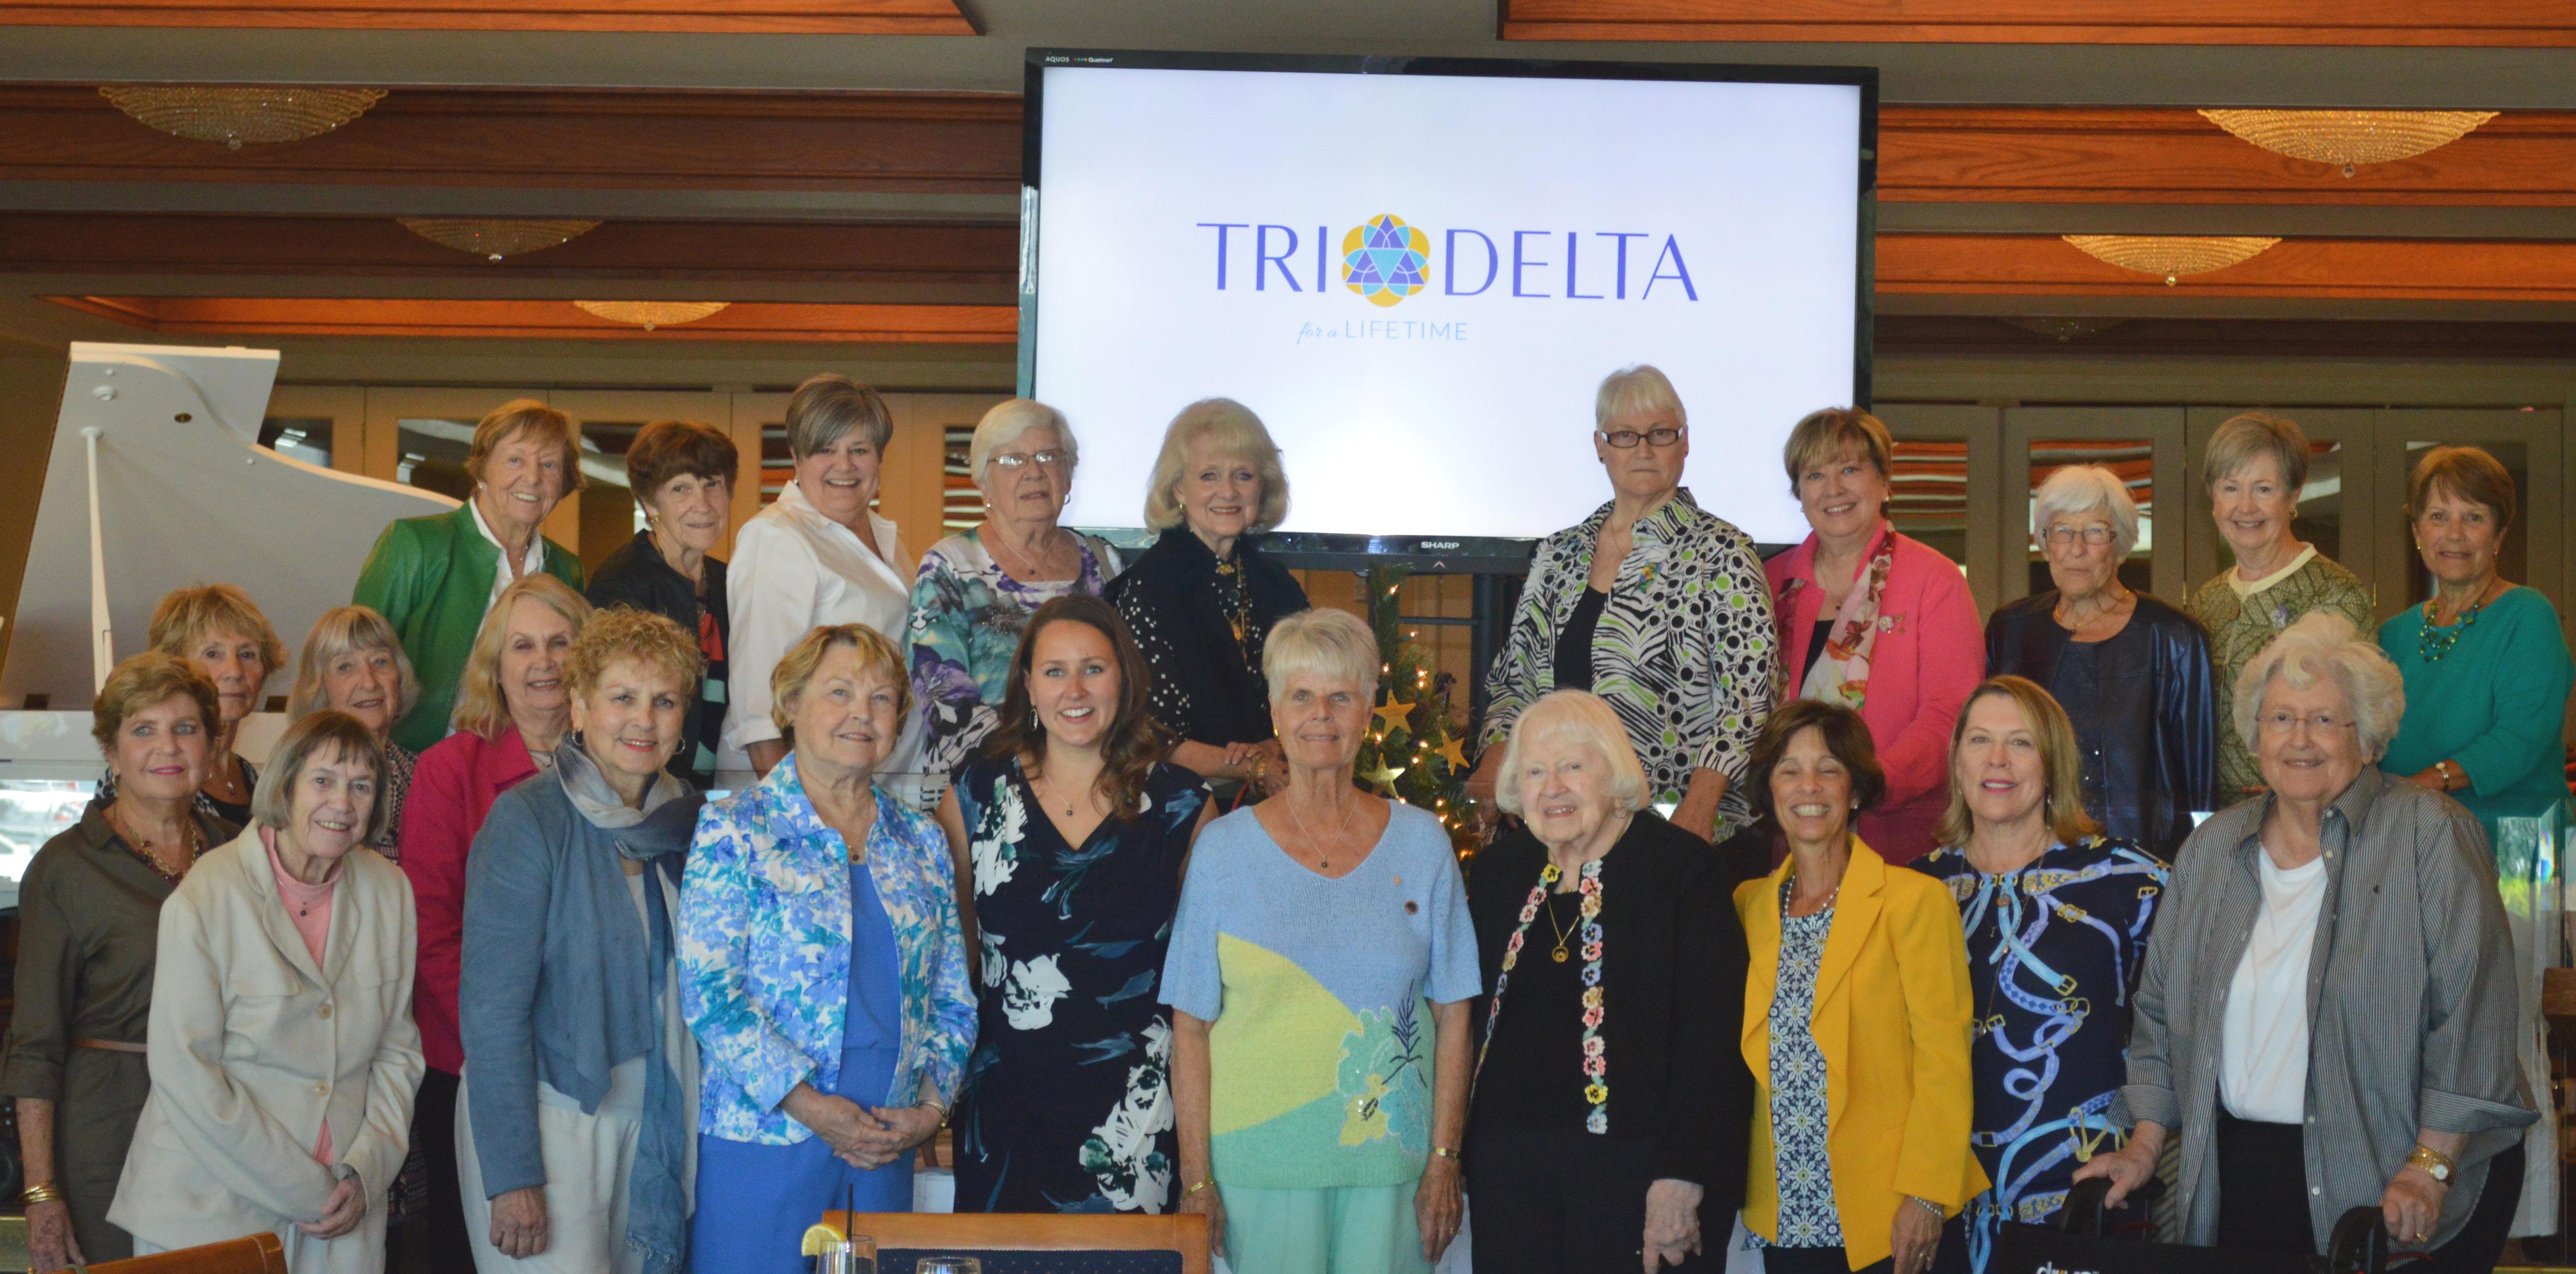 Delta Delta Delta At Sarasota Area, FL